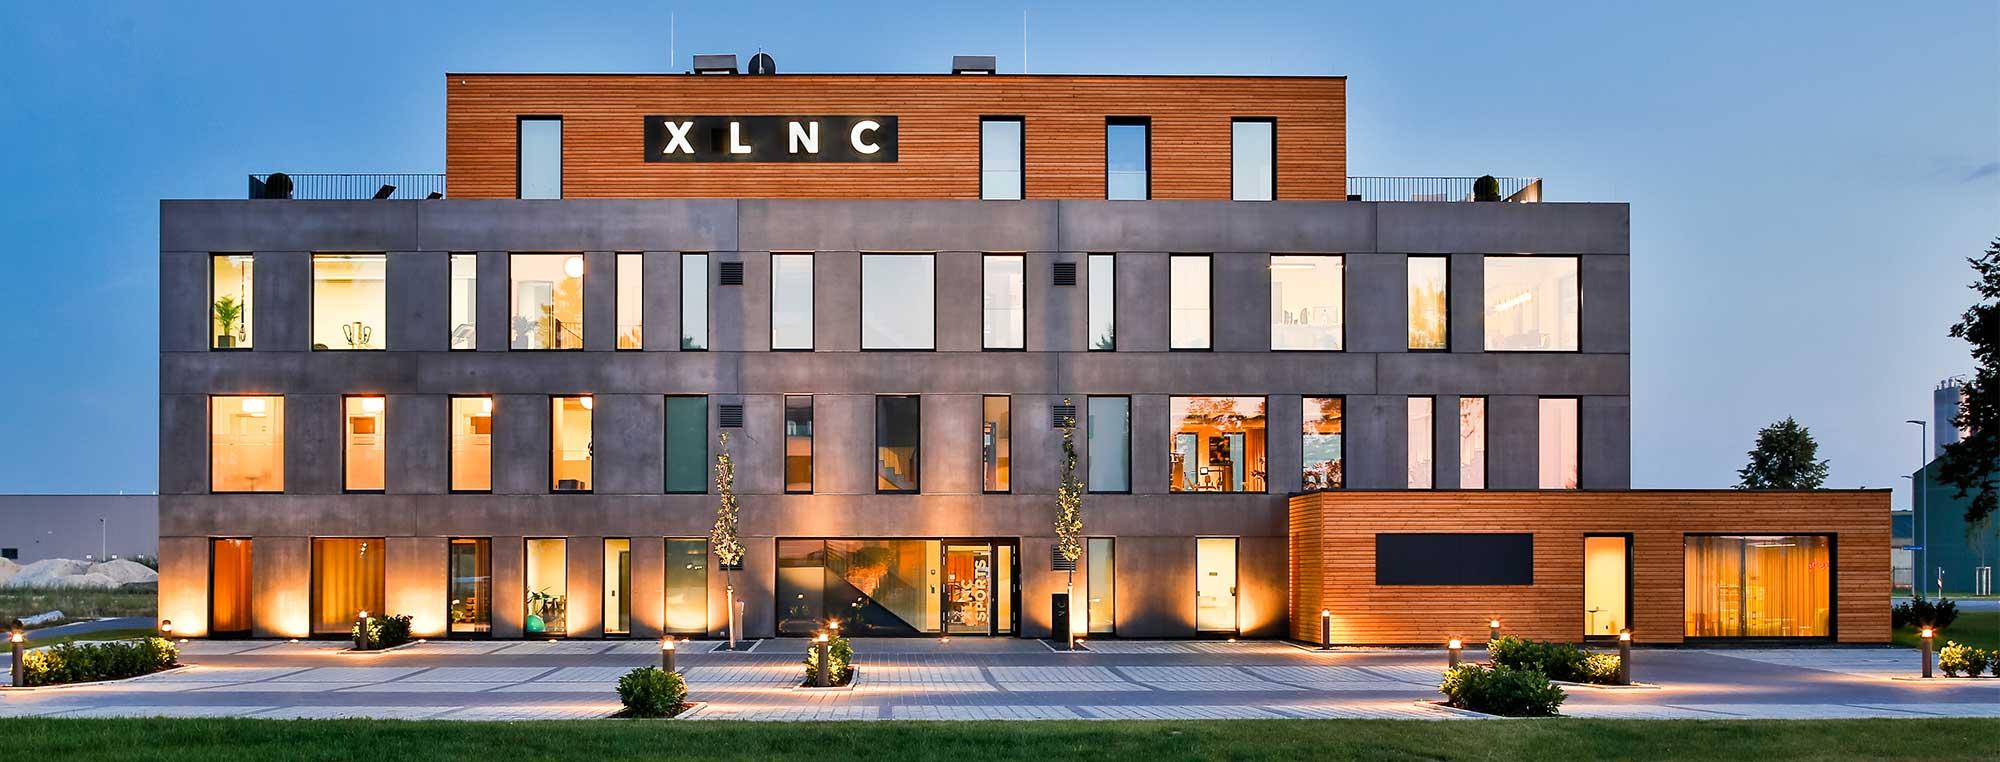 Geschäftshaus XLNC Leipheim Foto: M. Duckek, Ulm